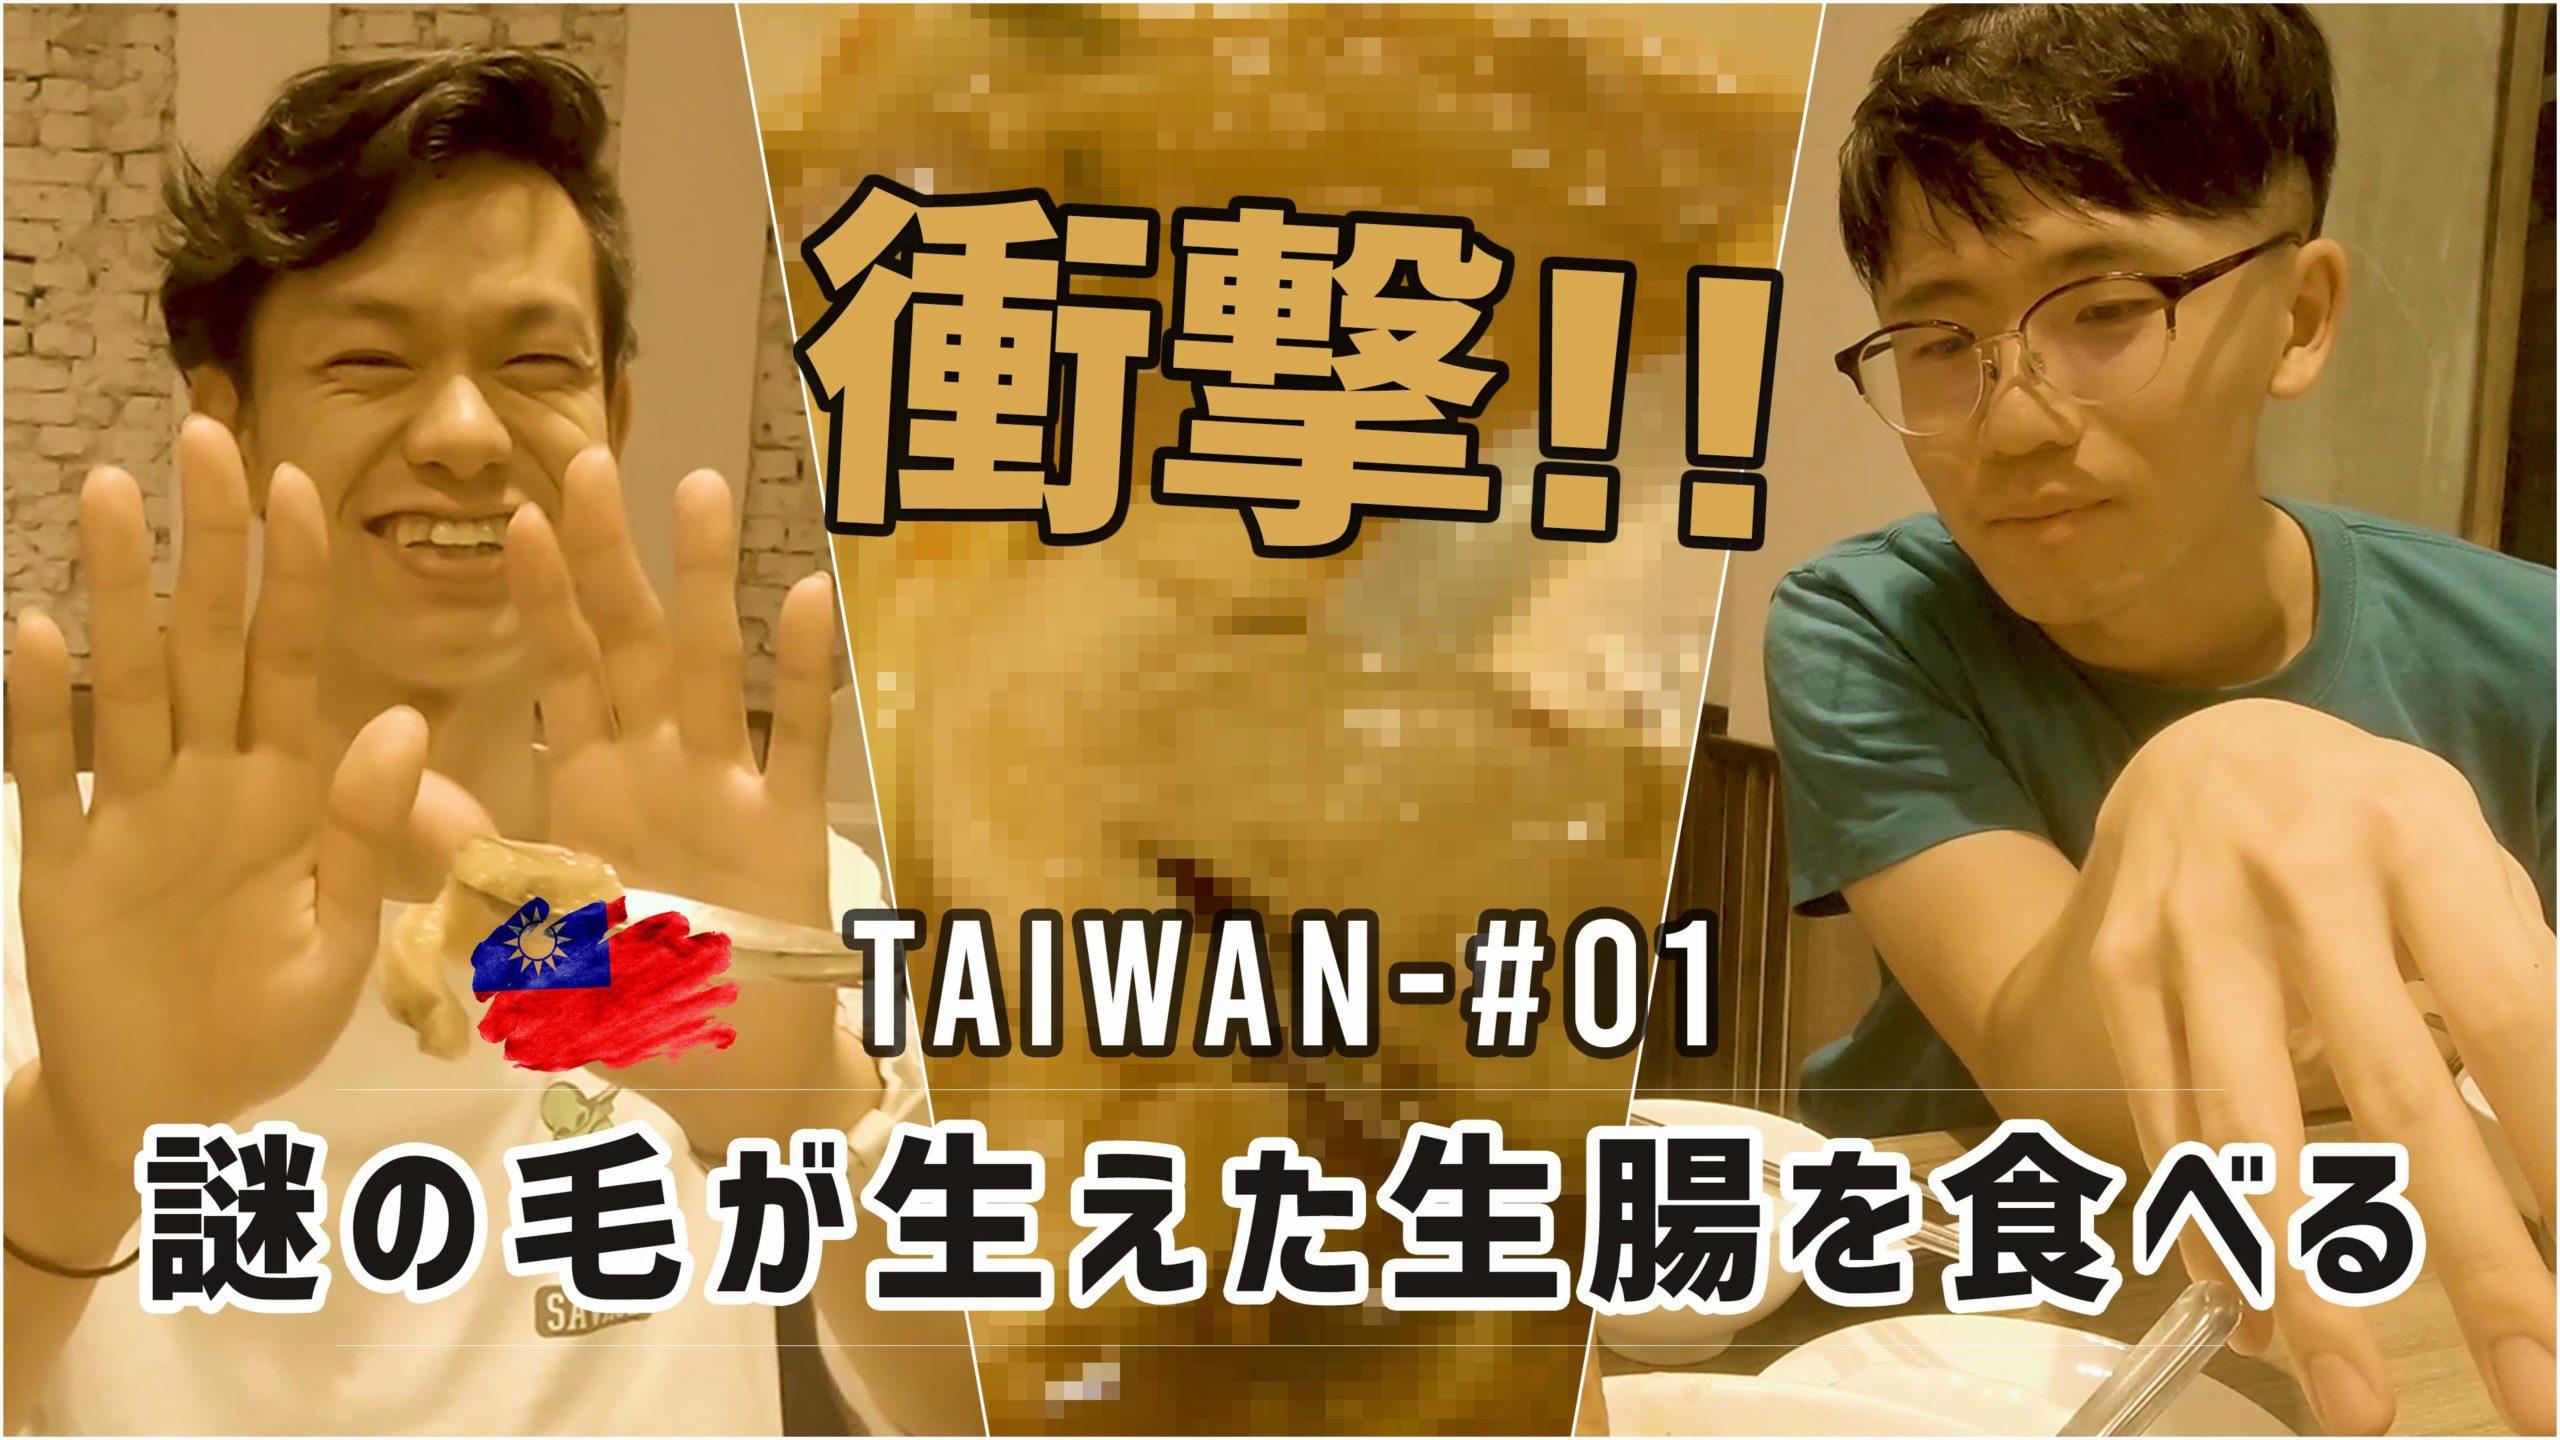 謎の毛が生えた台湾料理を食べて大興奮!台湾旅行 #01 – Taipei Taiwan Day1 vlog #180